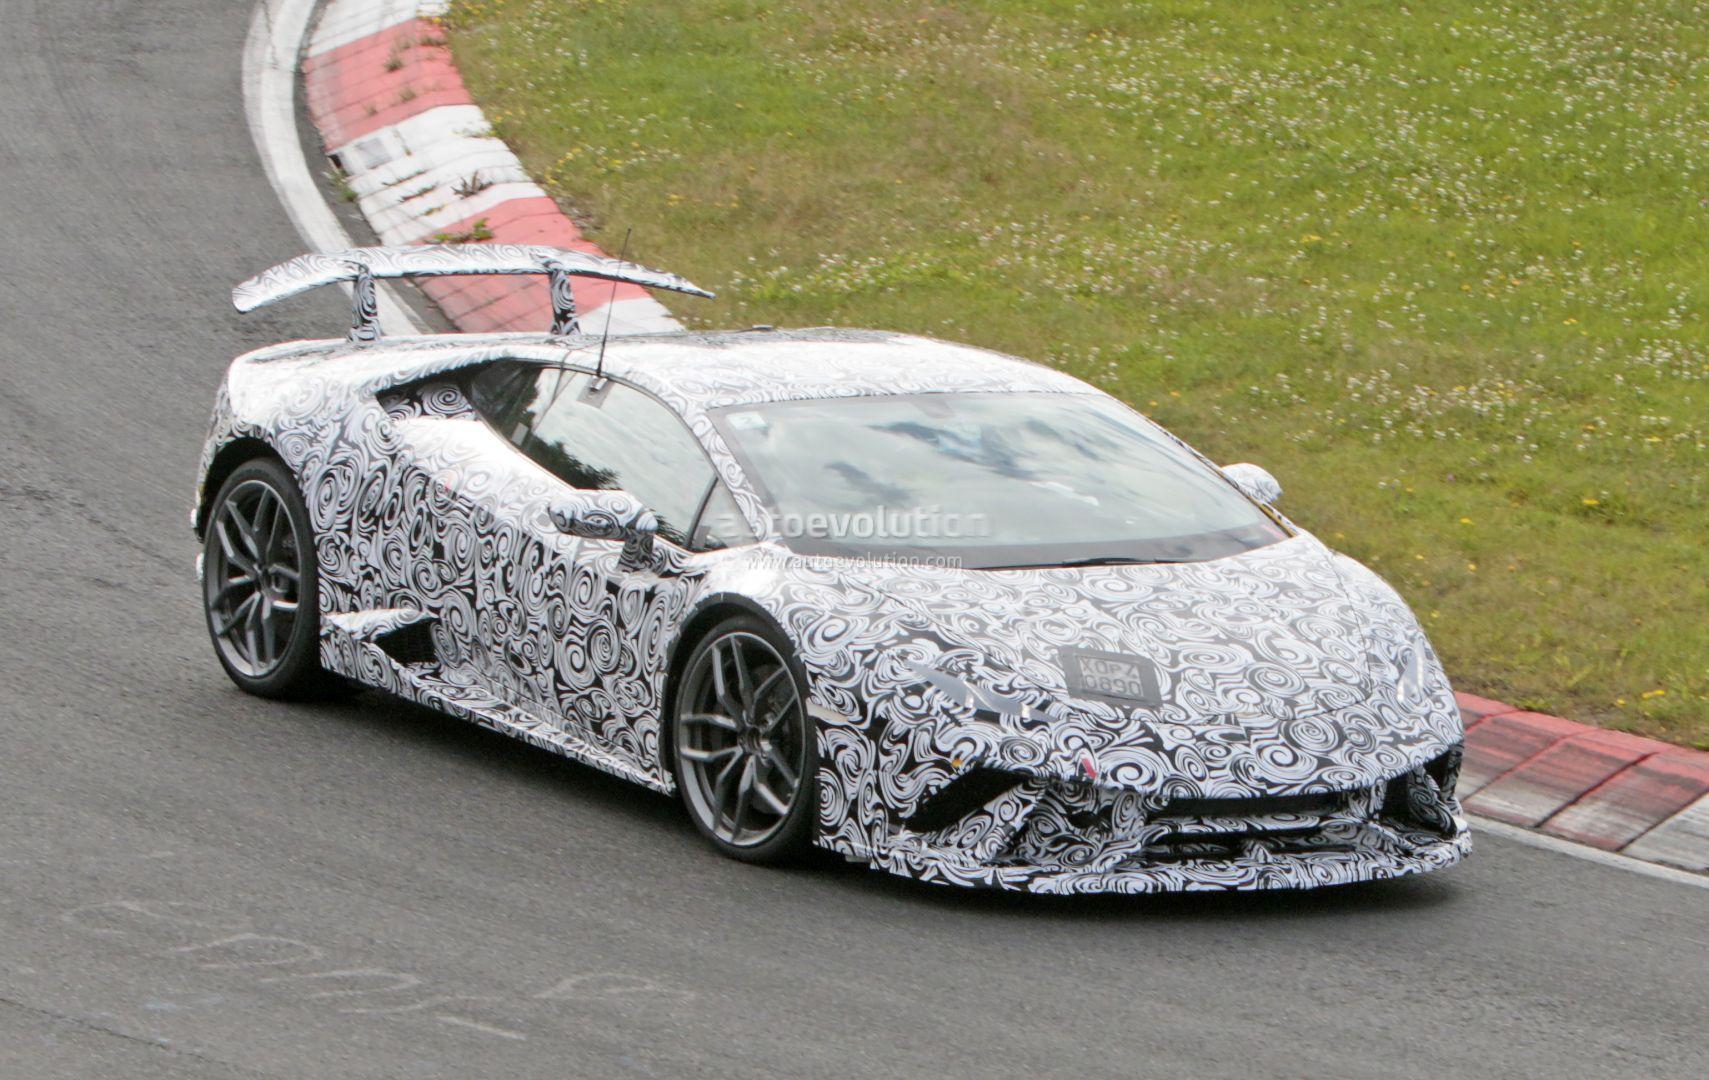 Lamborghini Huracan Superleggera Storms Ring Aventador